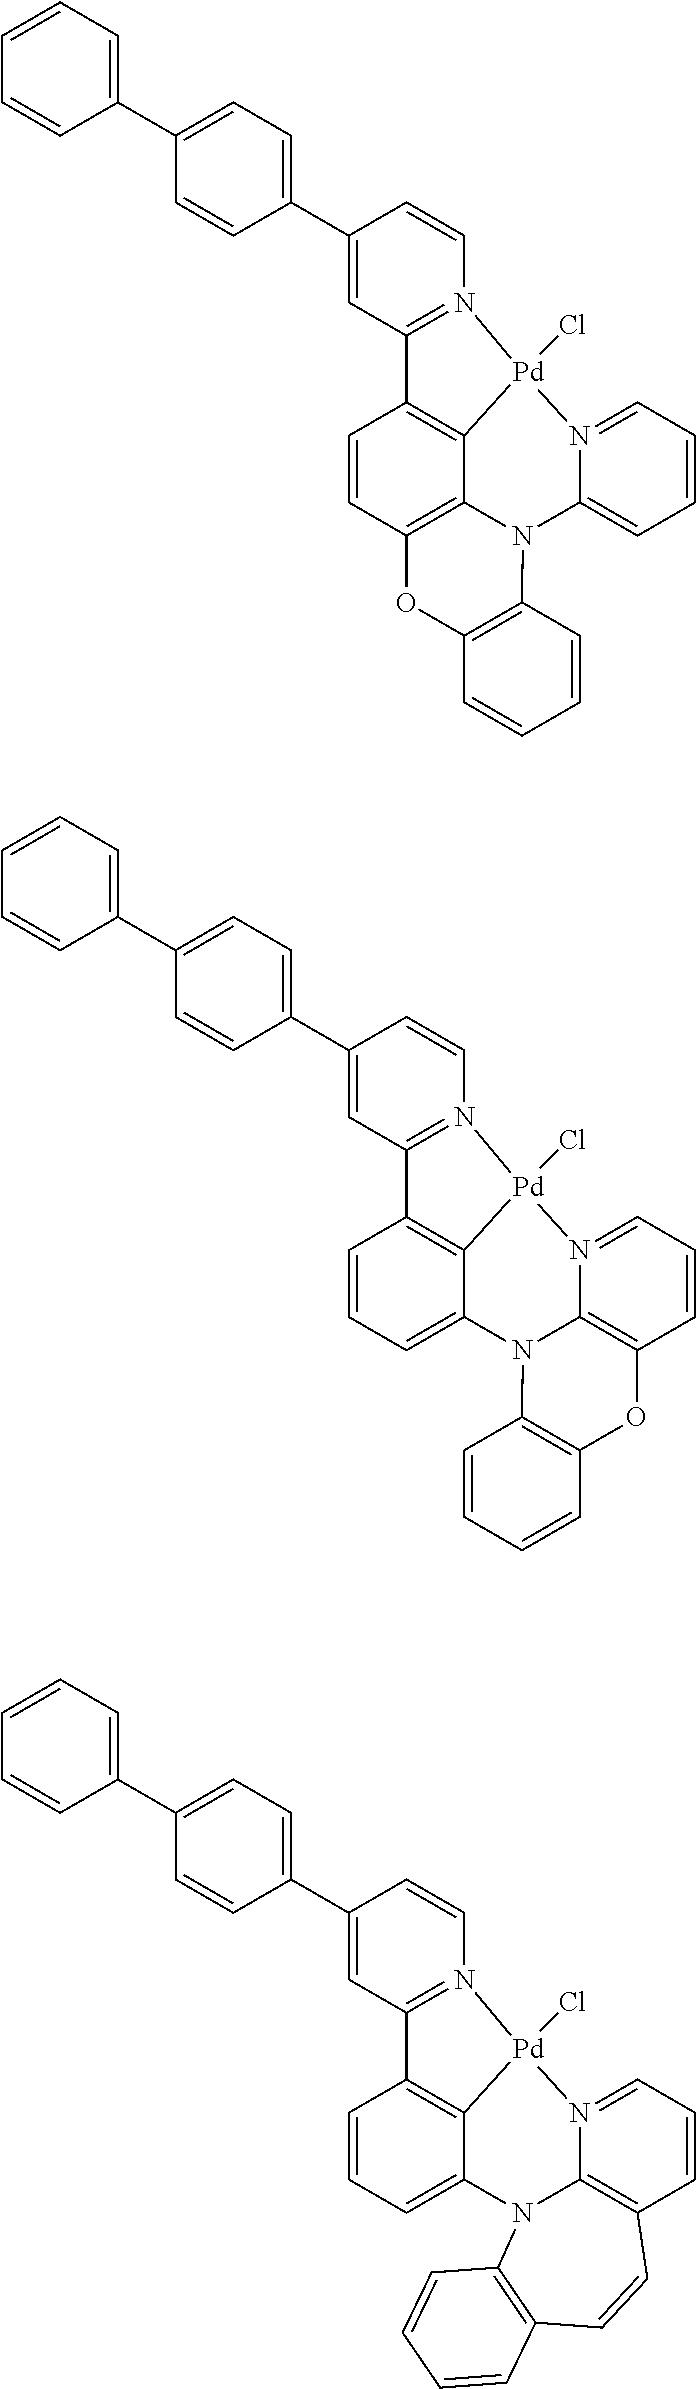 Figure US09818959-20171114-C00204